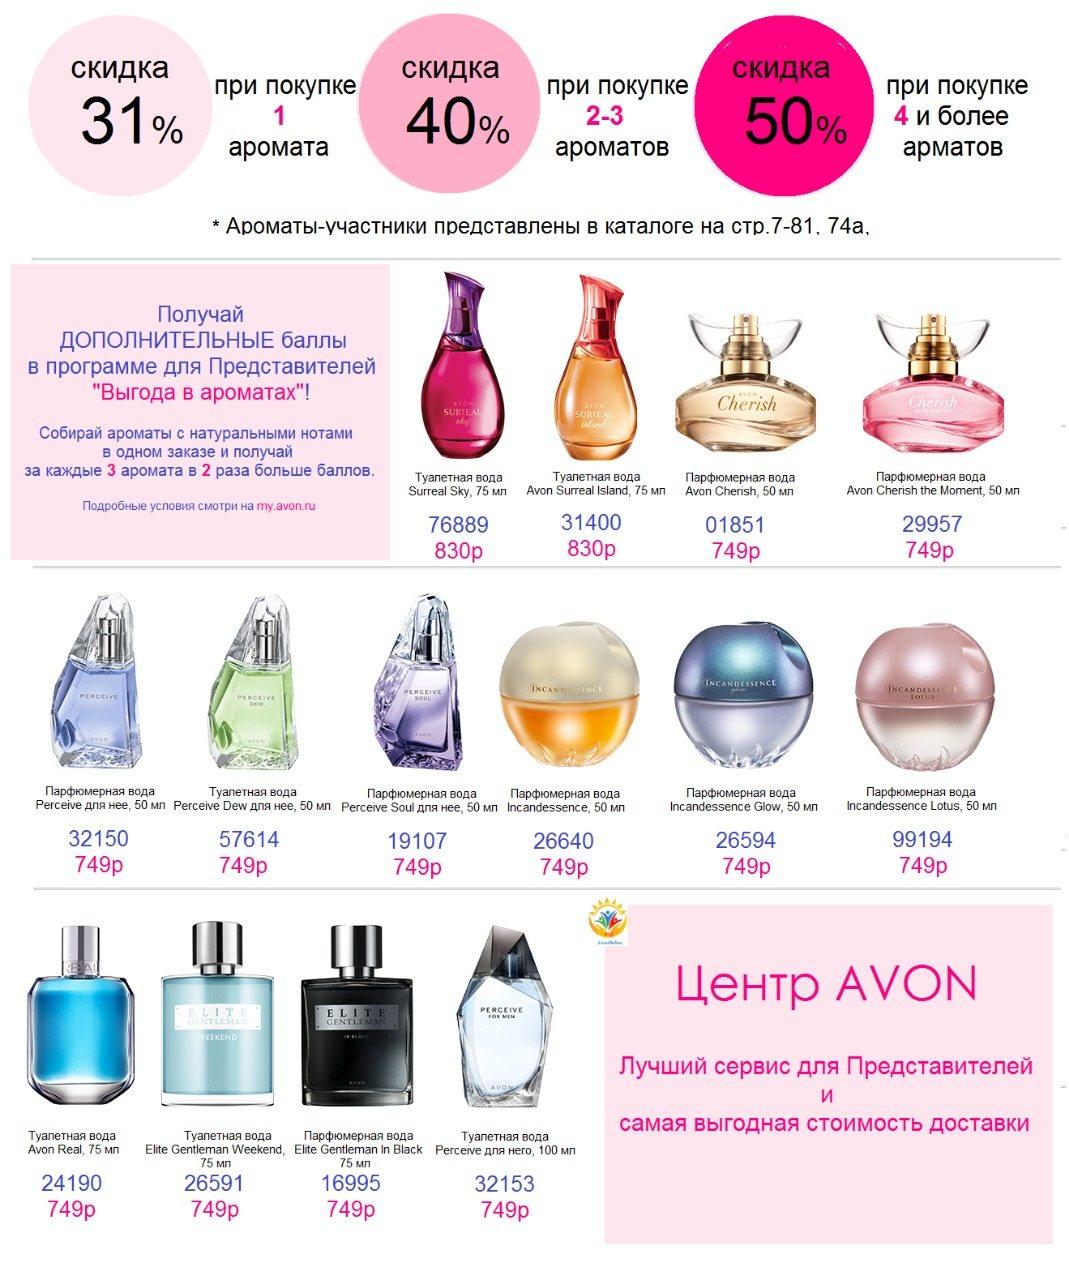 Ейвон акція как купить косметику christina в краснодаре